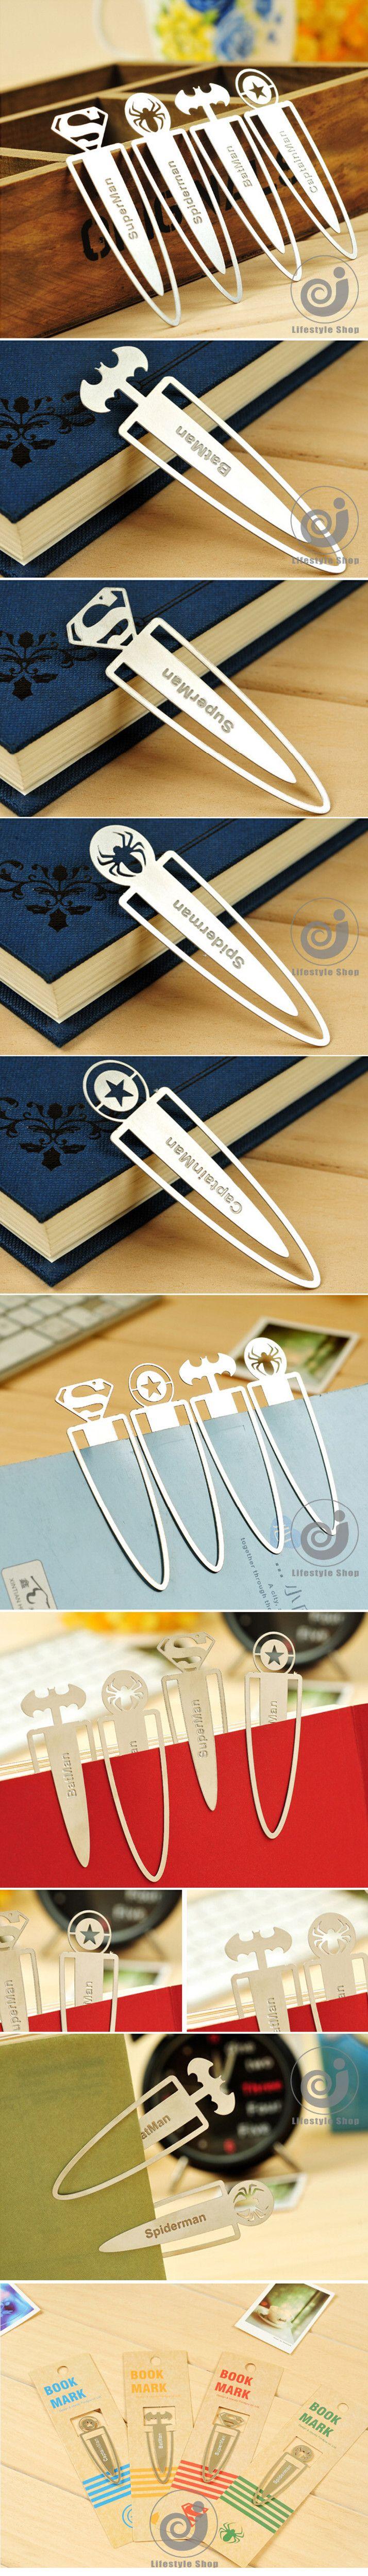 4 pçs/lote dos desenhos animados herói série mini metal marcador livro titular marcador de livro material escolar papelaria papelaria em Marcador de páginas de Escritório & material escolar no AliExpress.com | Alibaba Group